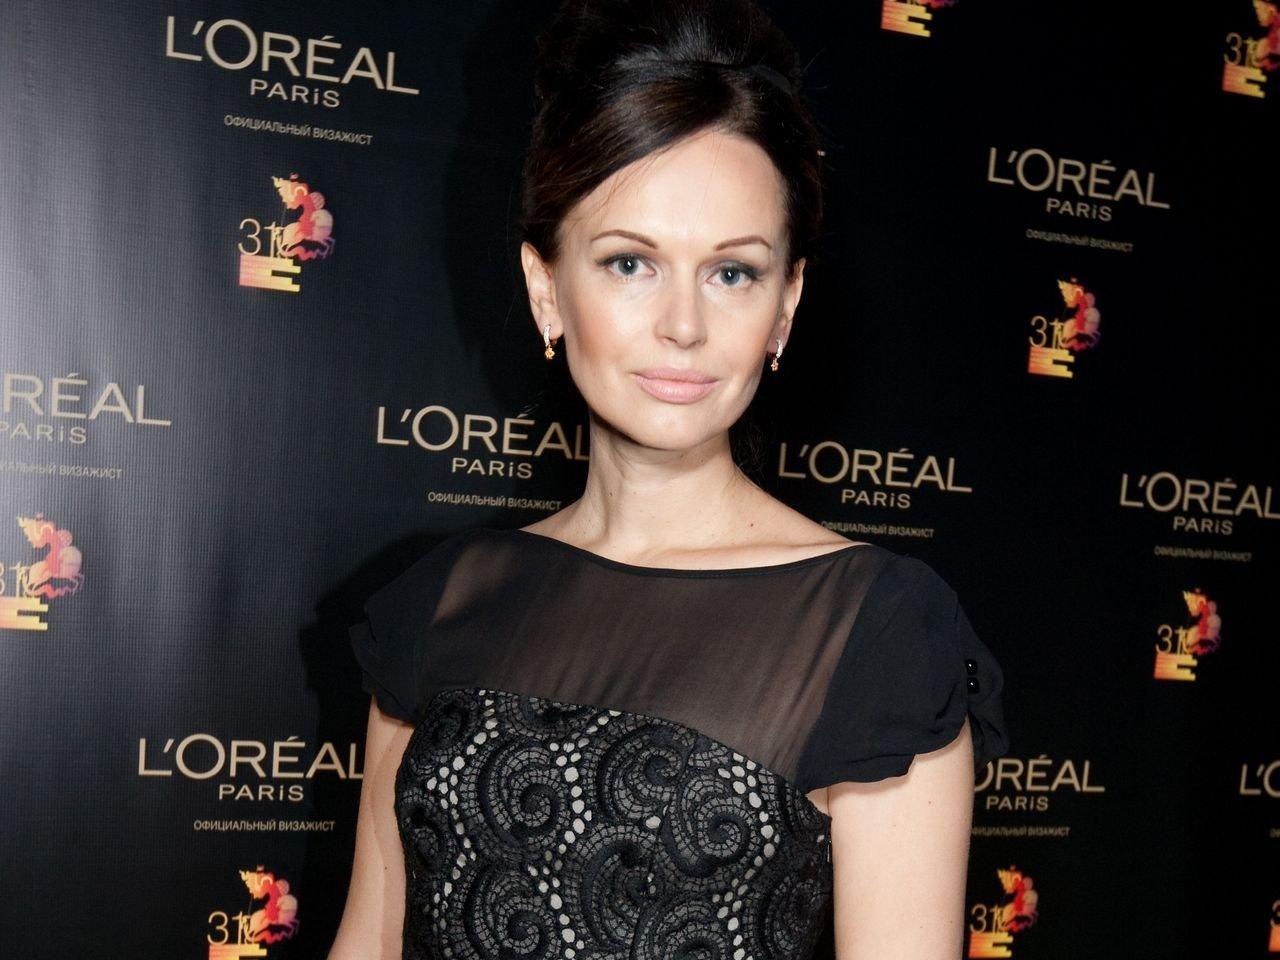 Ирина Безрукова появилась на красной дорожке в полупрозрачном платье